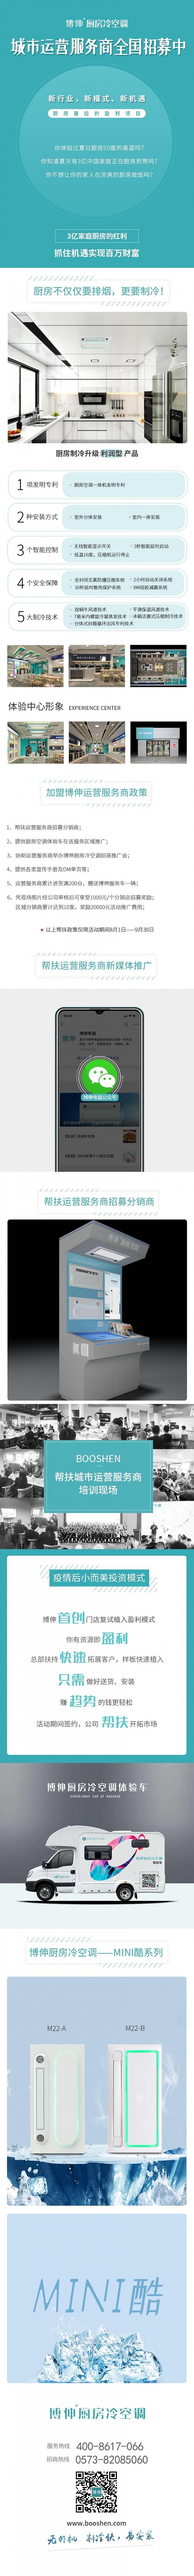 厨房空调产品资料 (2)